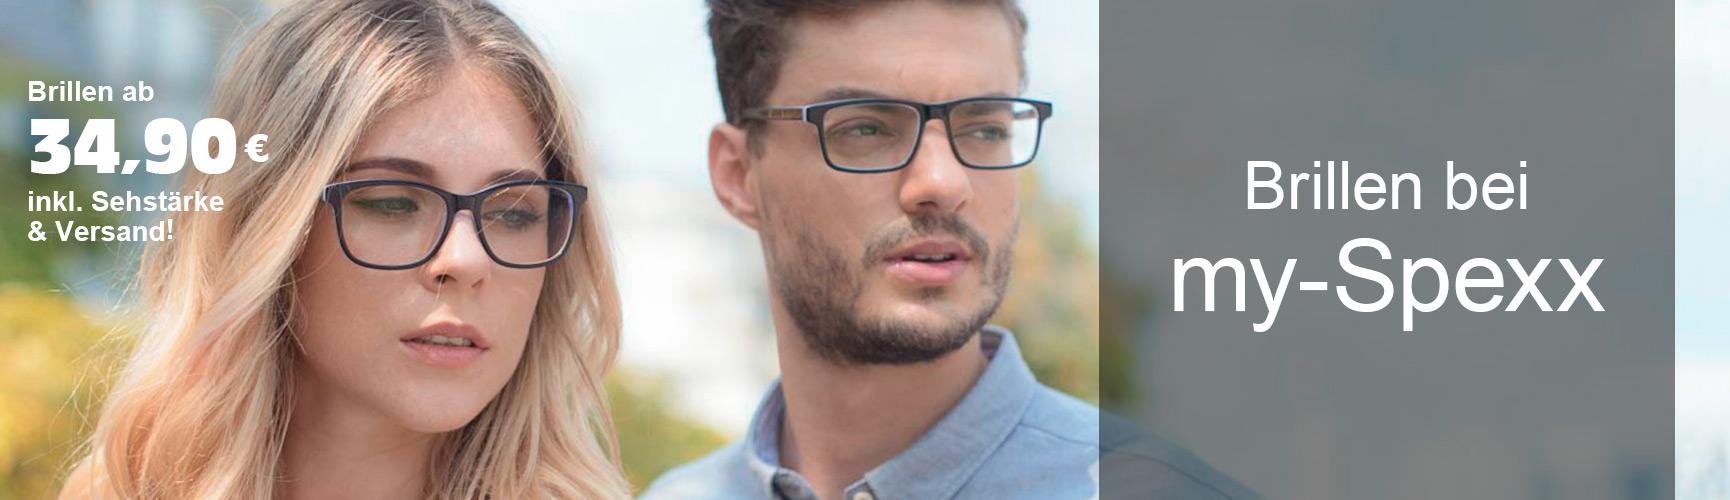 Brillen für Sie und Ihn